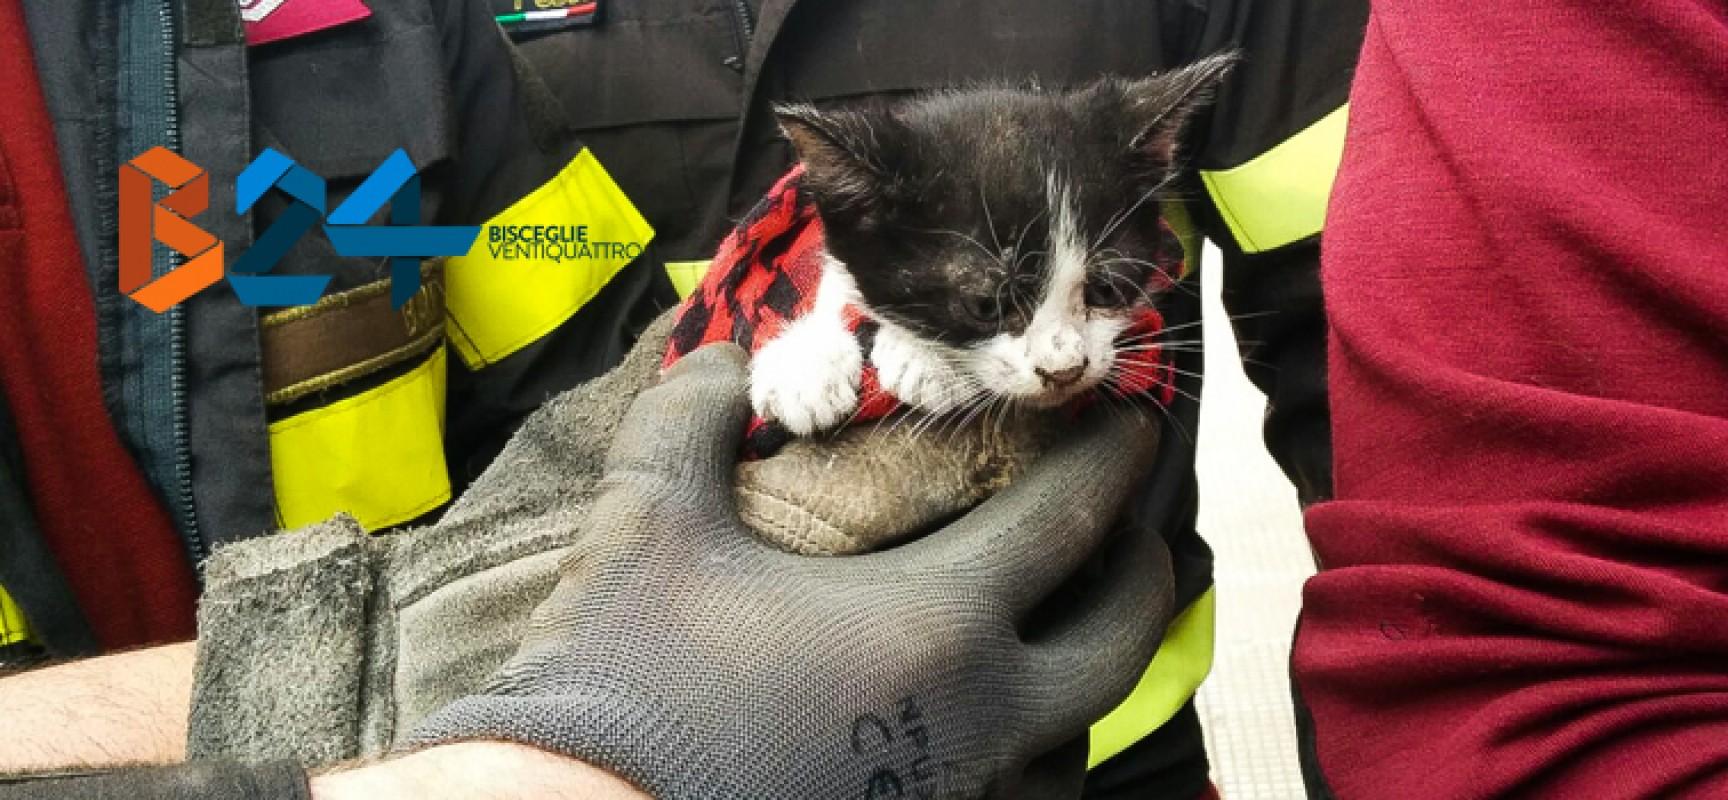 Gattino intrappolato in un tubo di scolo salvato dai vigili del fuoco / FOTO